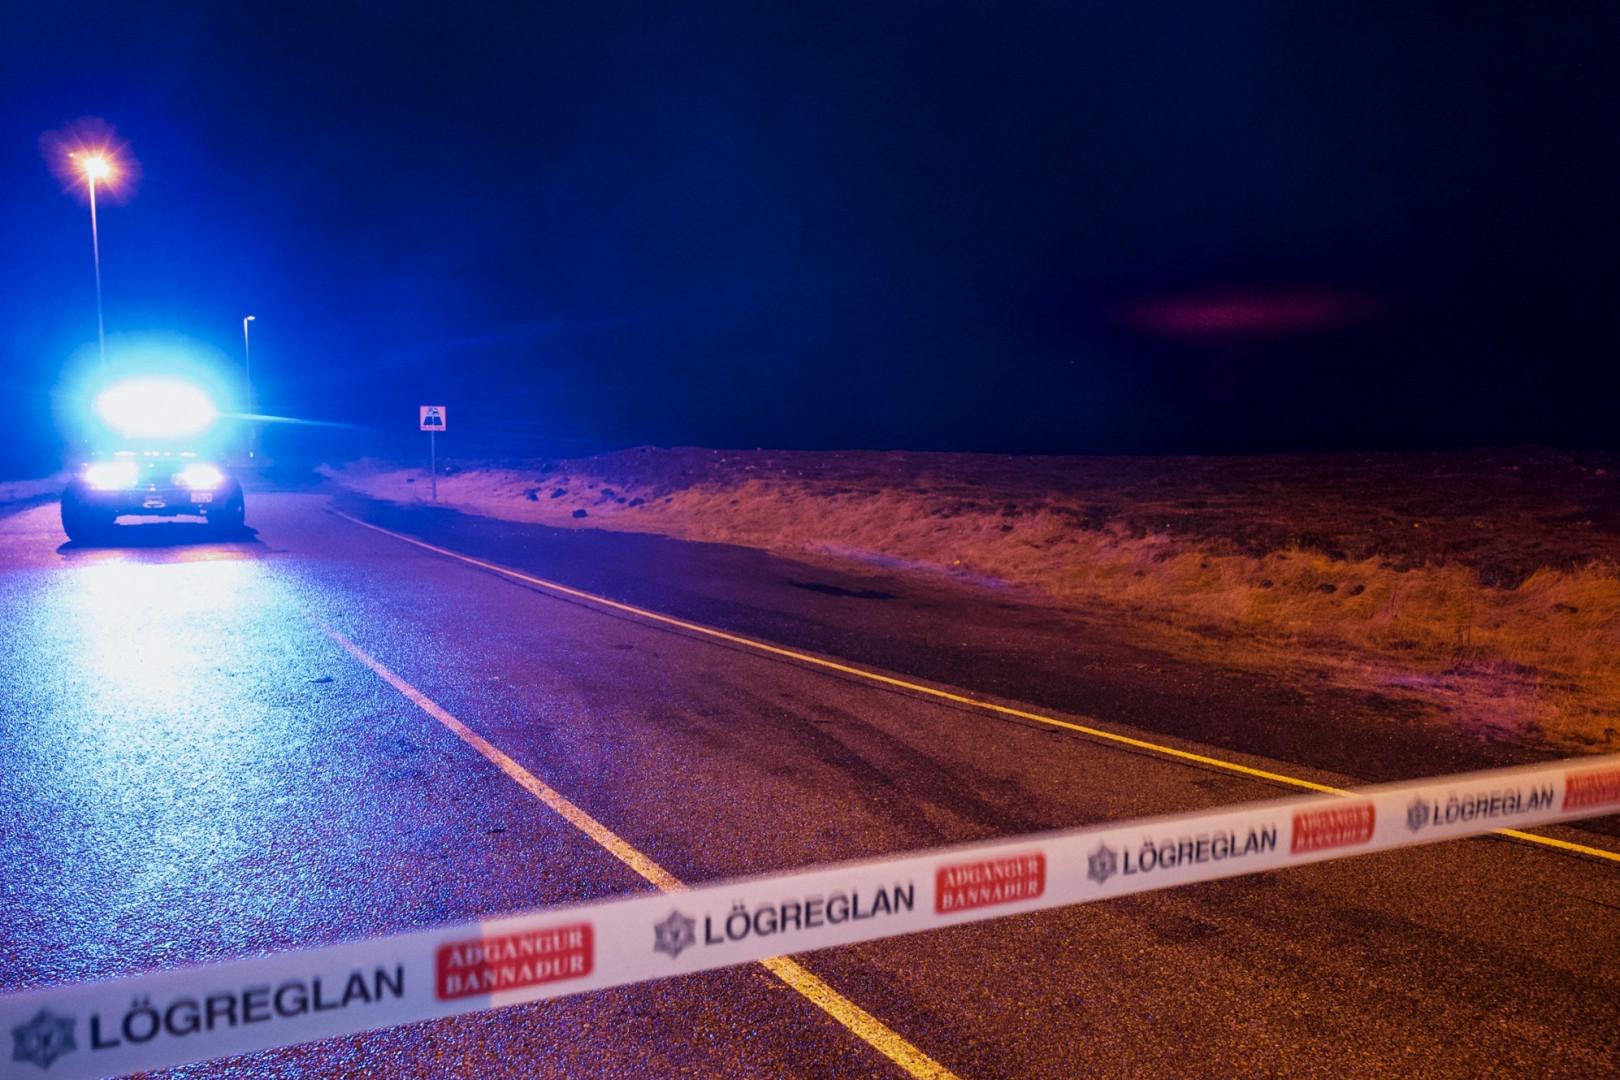 Un véhicule de police barre la route la route menant à la zone près de la ville de Grindavik, à environ 40 km à l'ouest de la capitale islandaise Reykjavik, le 19 mars 2021